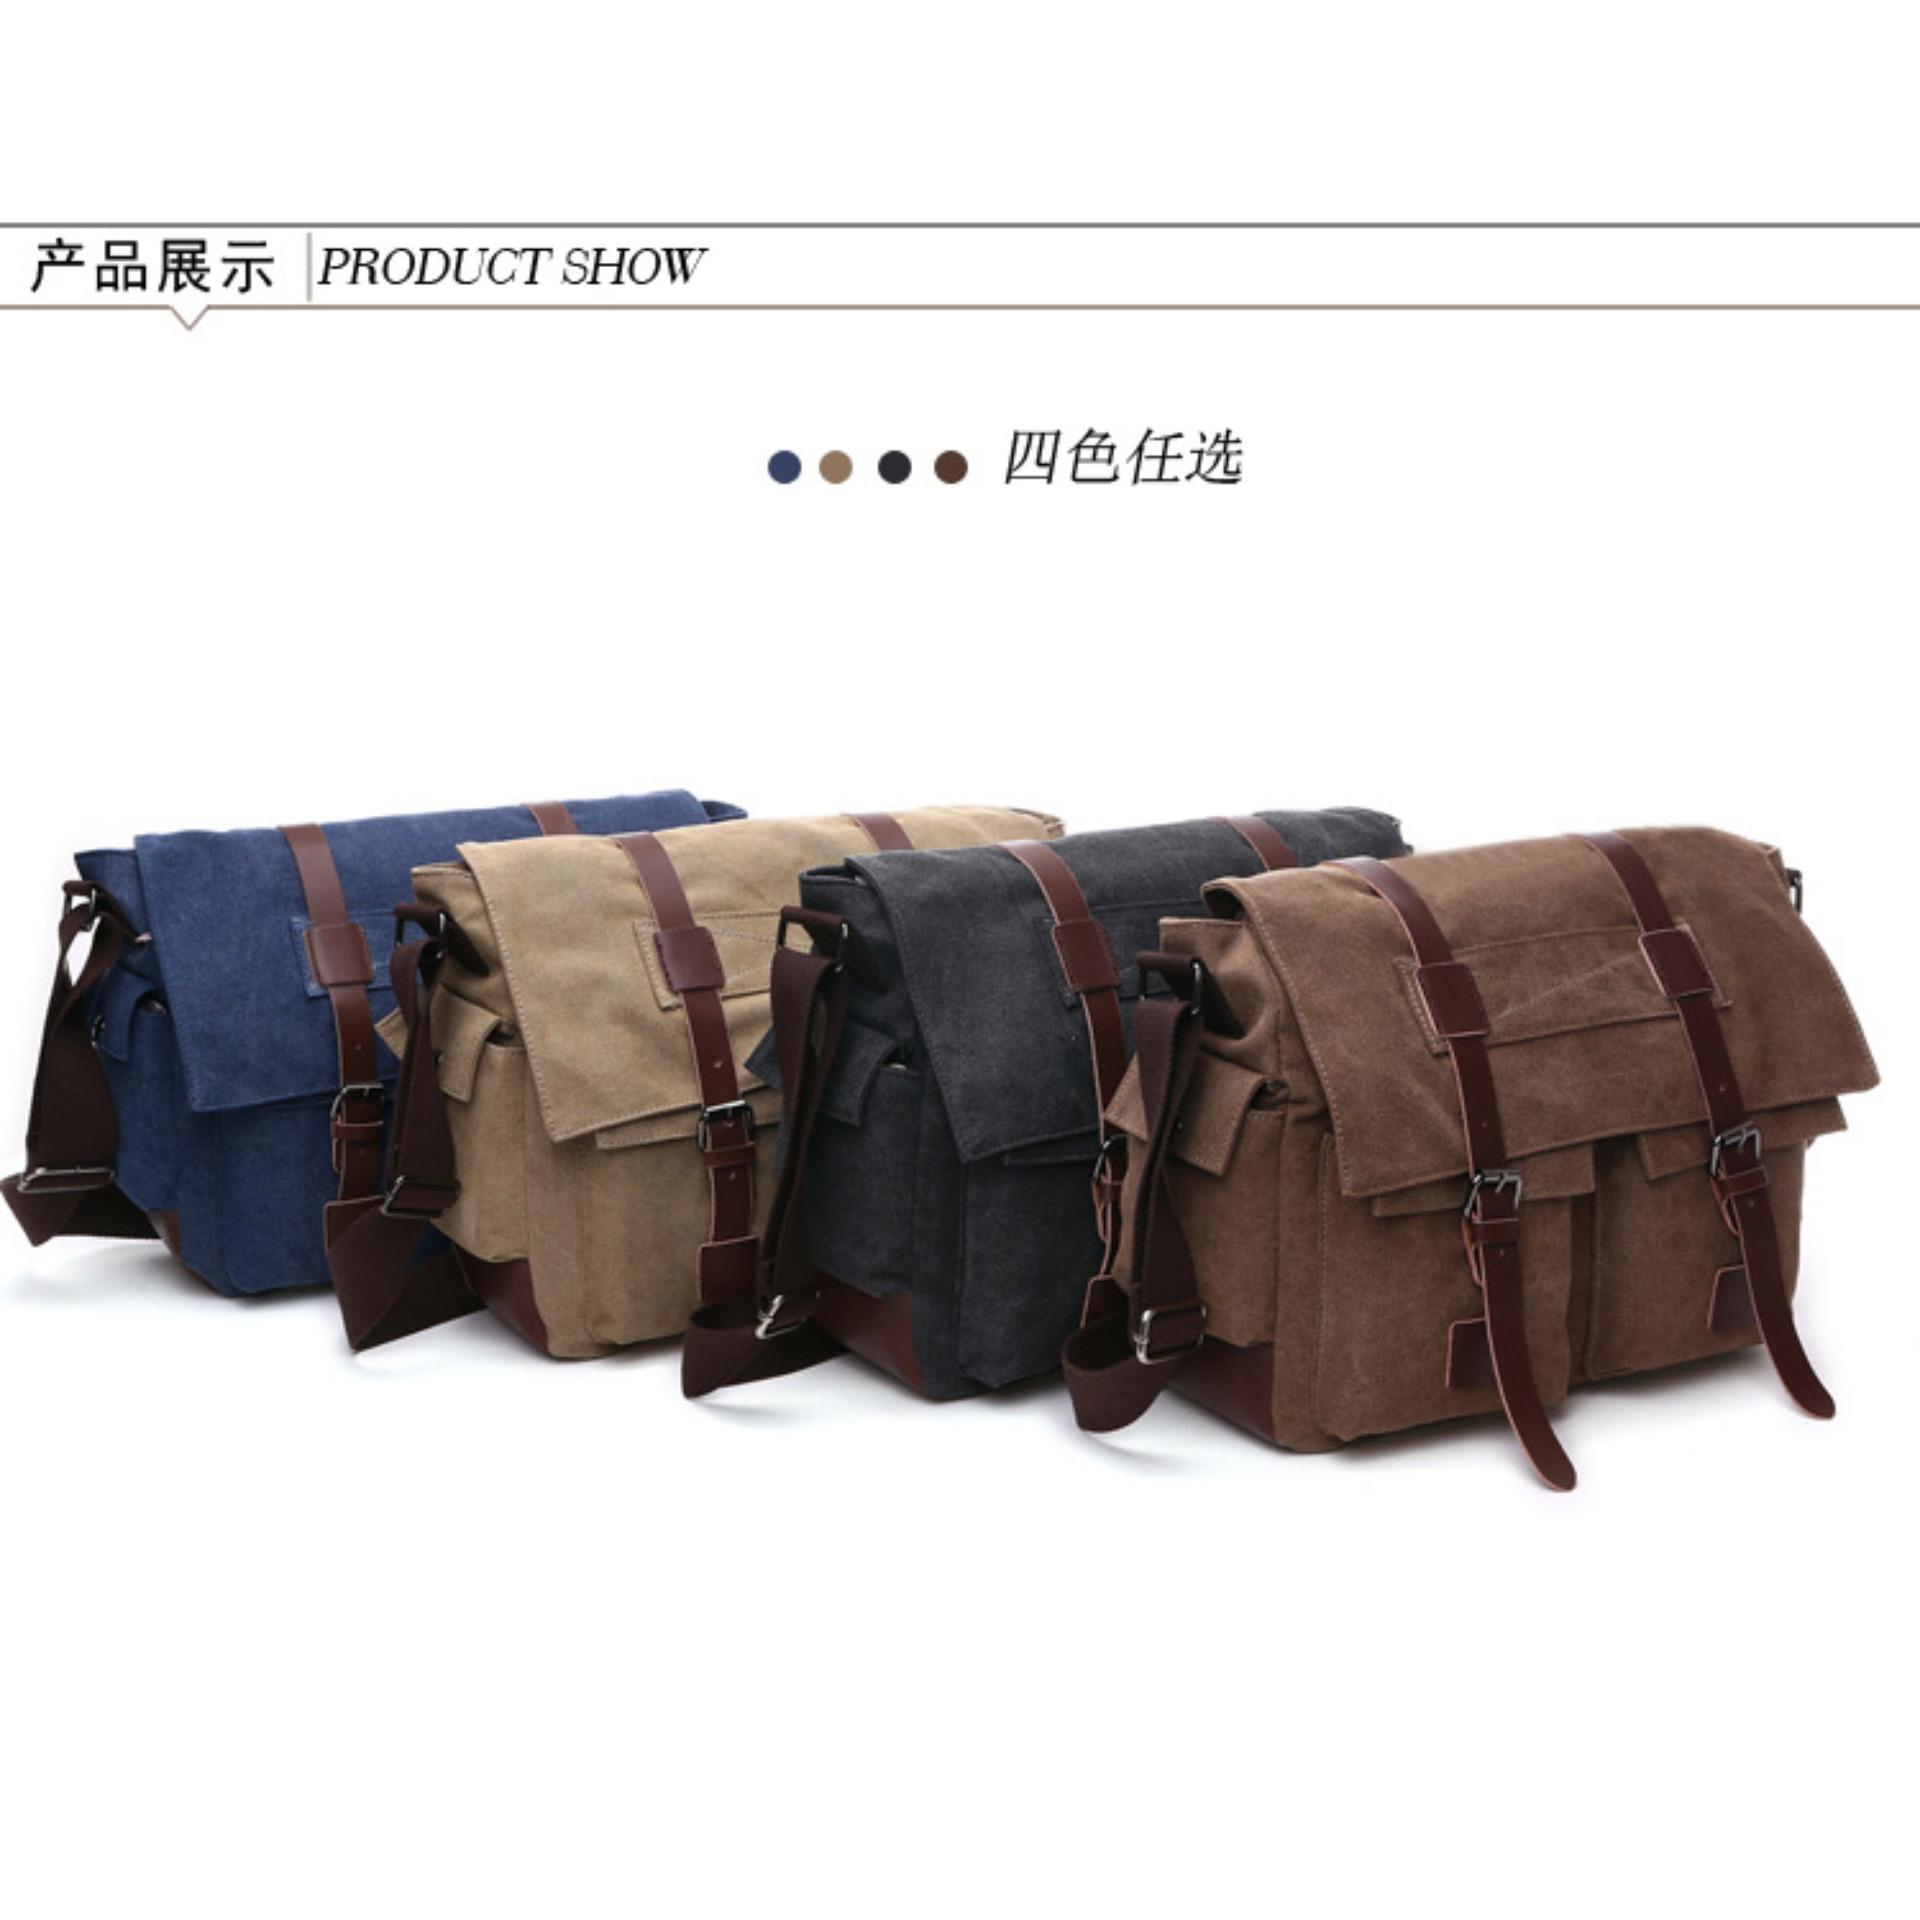 13a667d86404 Zuo Lun Duo Tas selempang pria Kanvas Shuolder bag Coklat. Legums